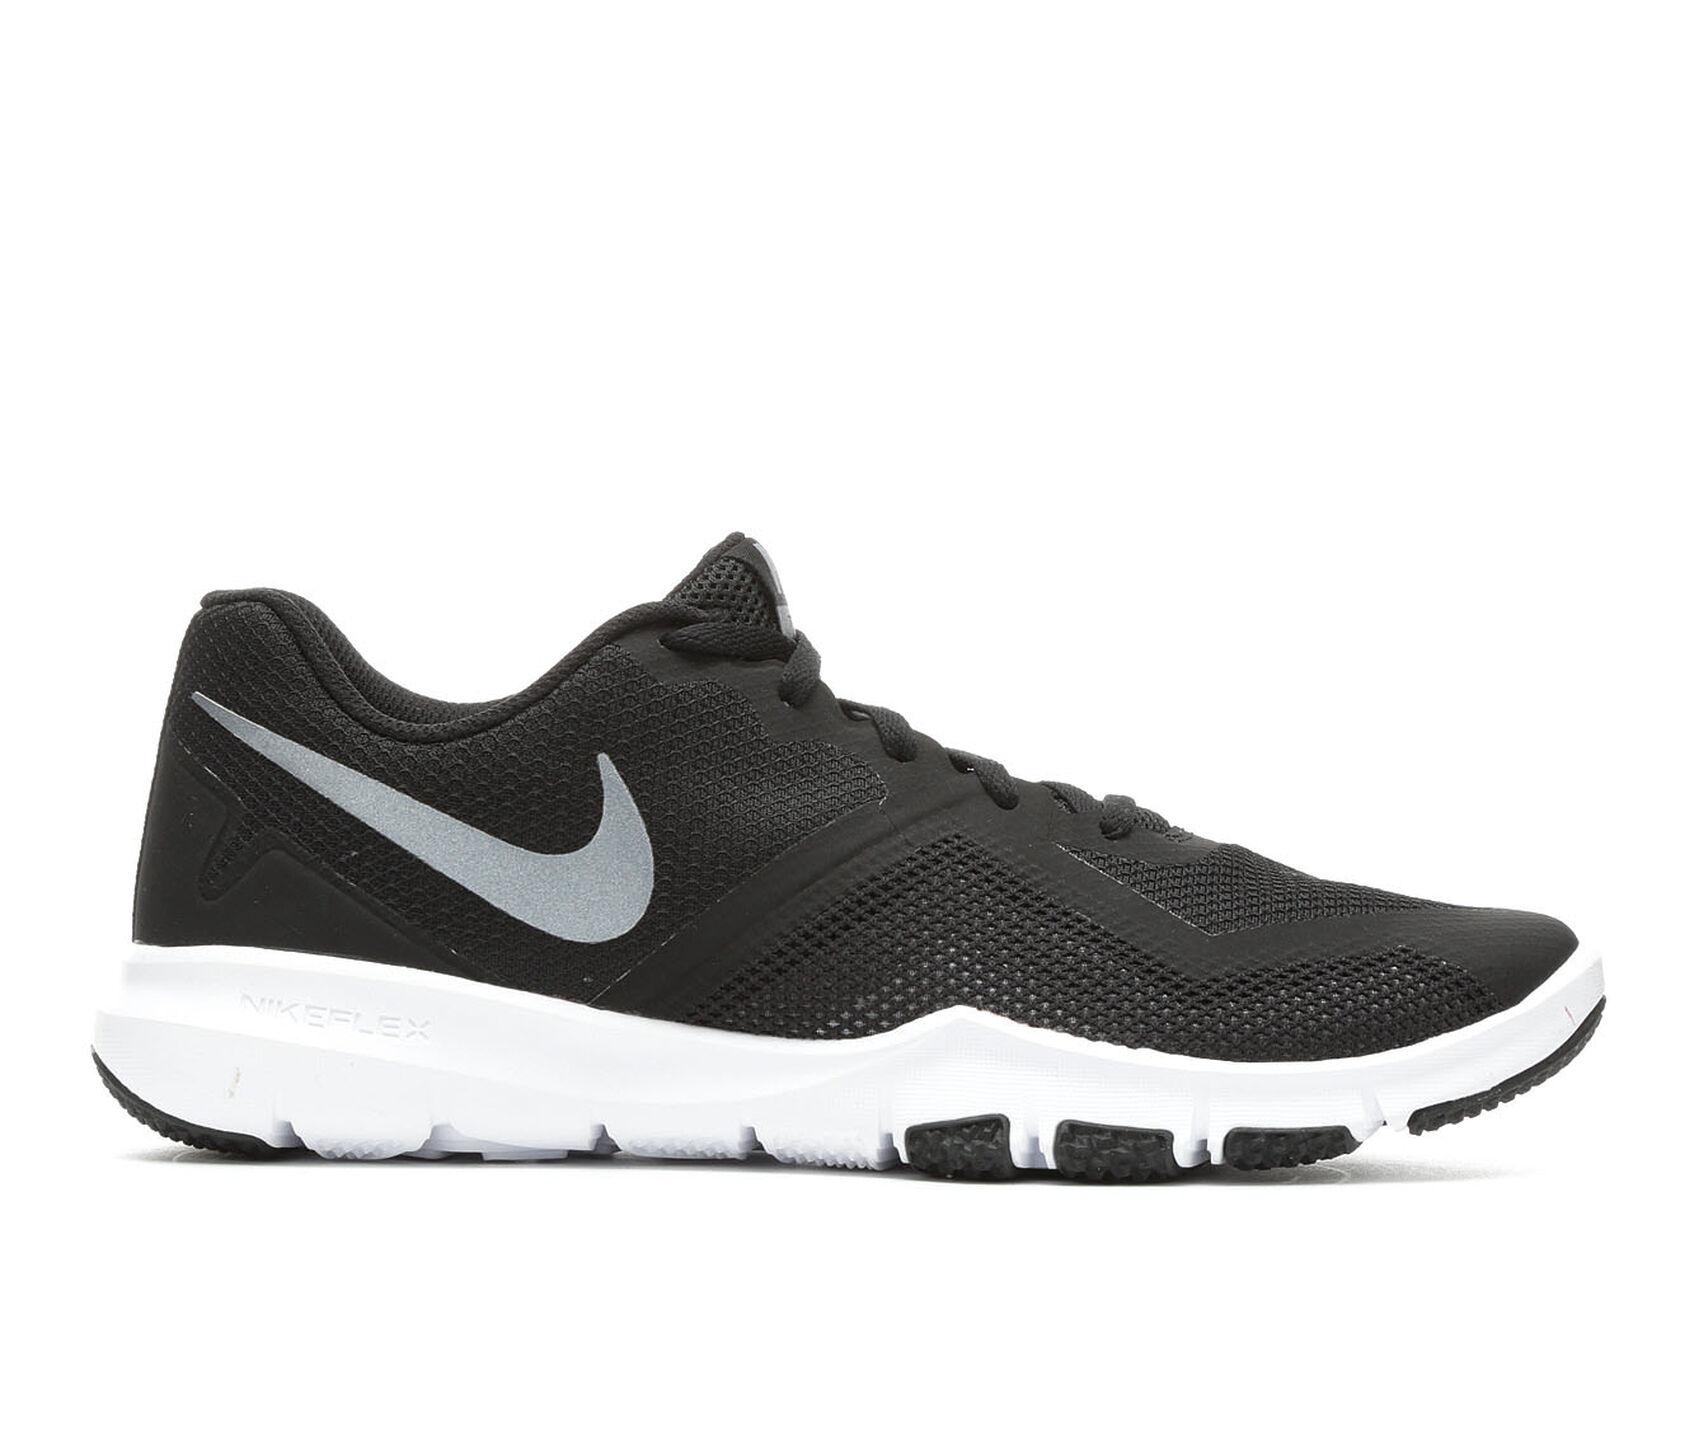 9b4eb08ddbbc ... Nike Flex Control 2 Training Shoes. Previous